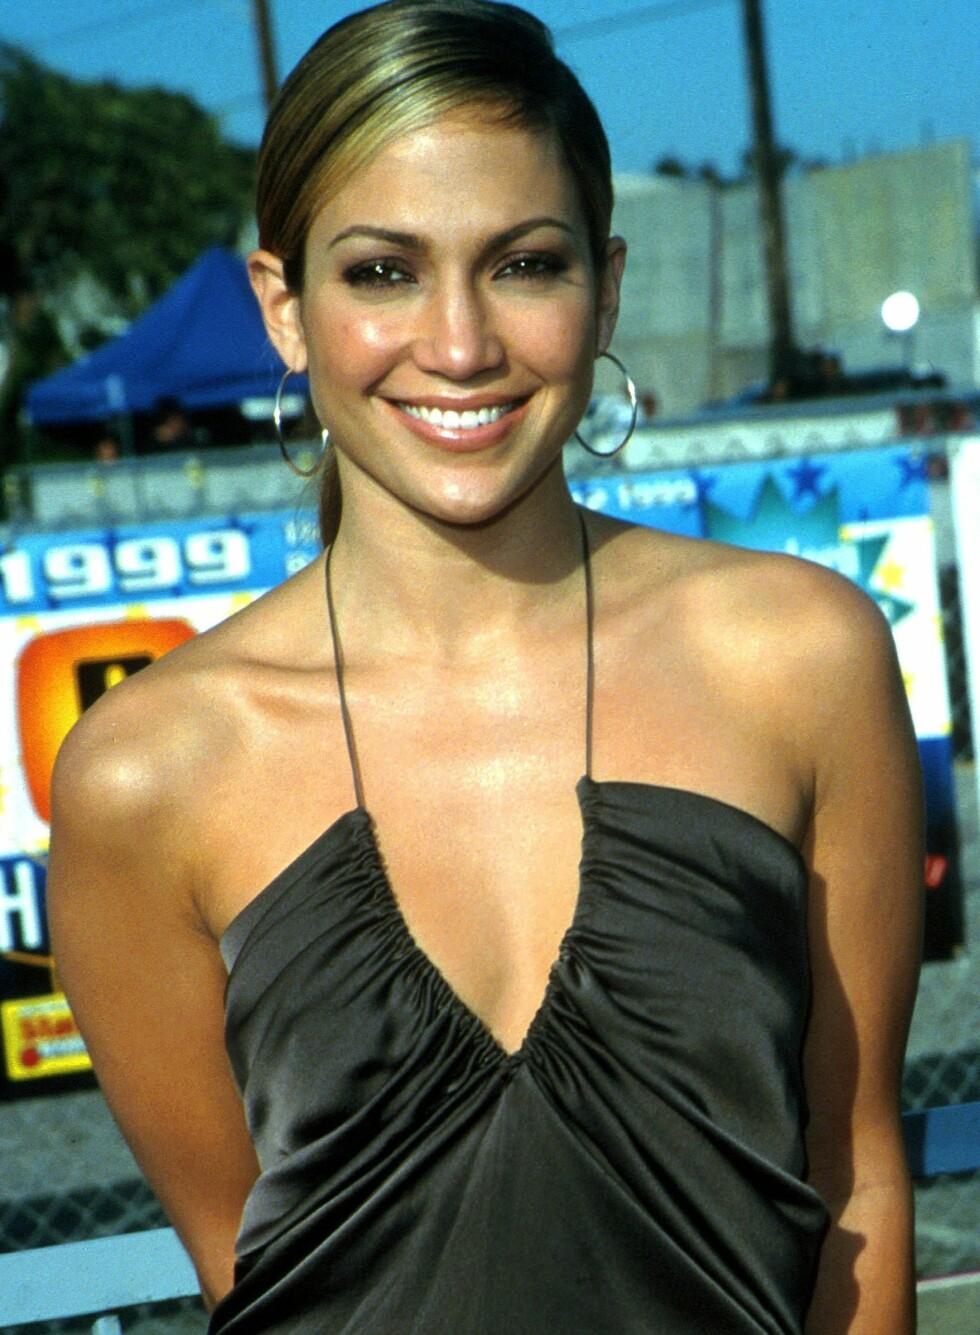 Beige, markerte striper som Jennifer Lopez hadde i håret var også en hit. I USA ble dette kalt for skunk-look, altså stinkdyr-stilen. Kanskje ikke noe å ta med seg inn i nåtiden?  Foto: All Over Press